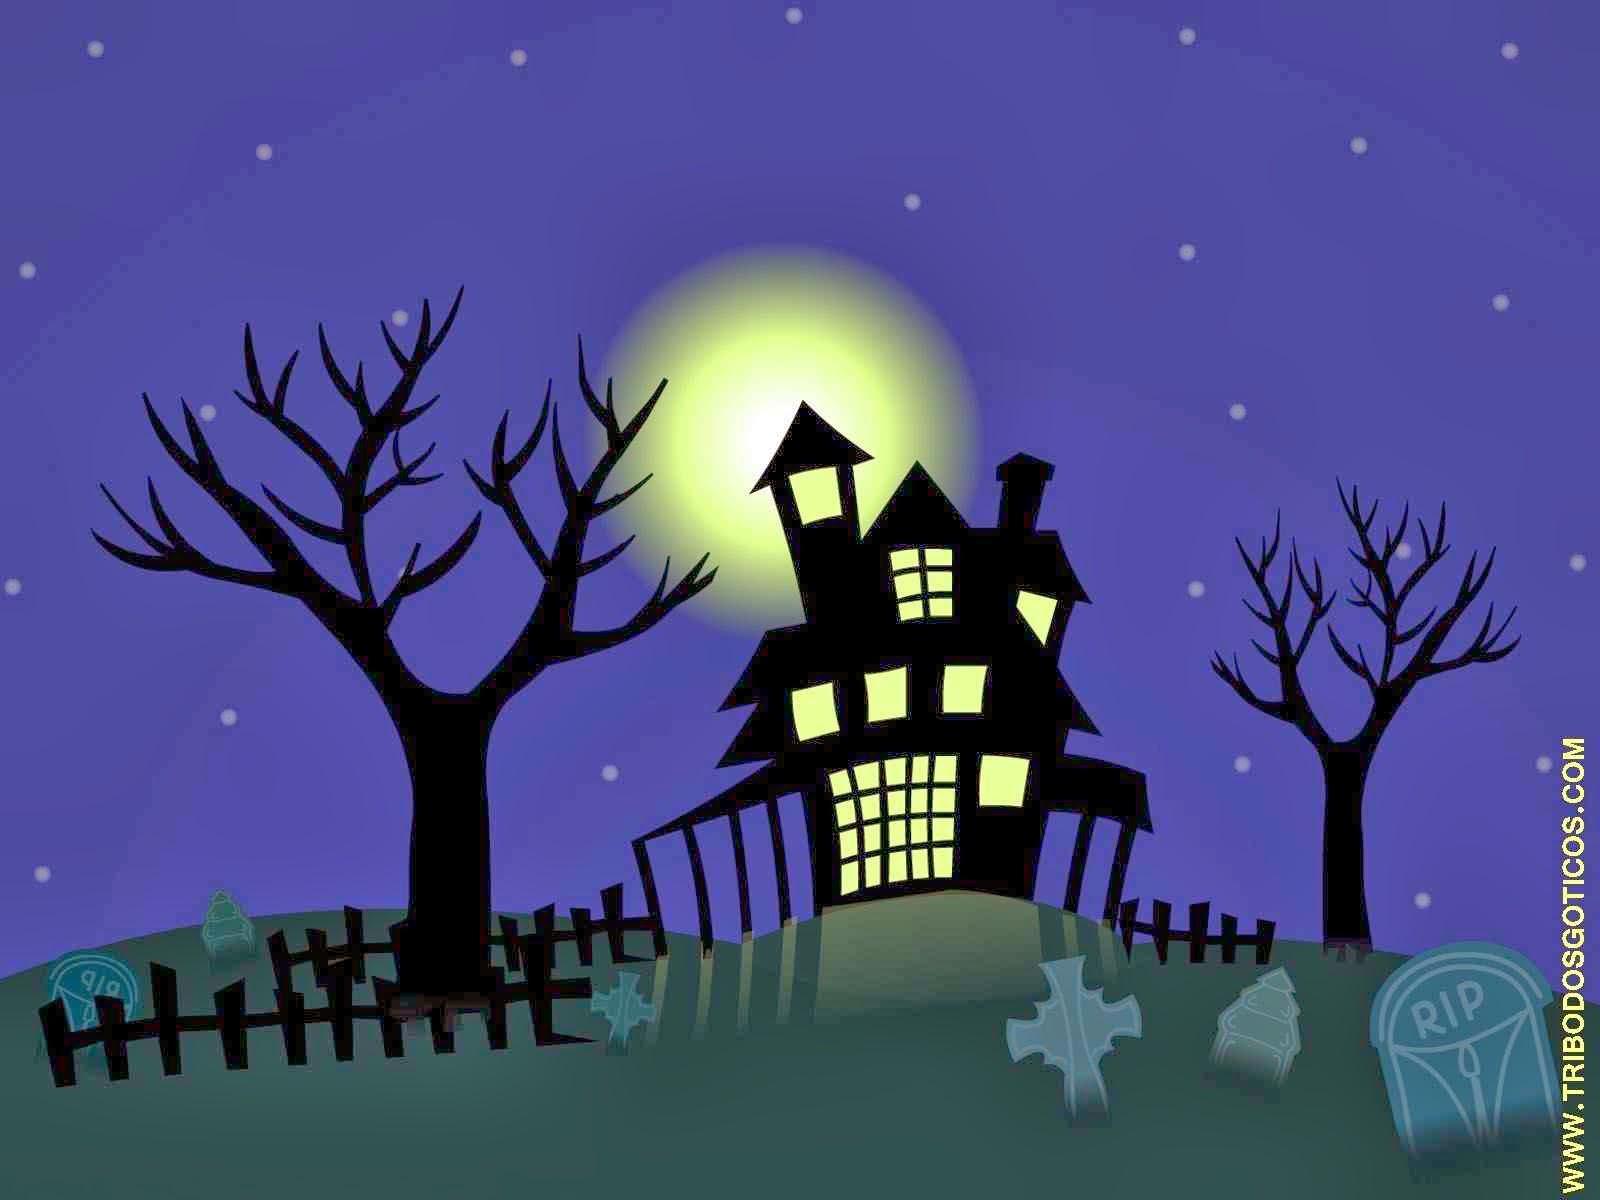 casa assombrada cemiterio das imagens